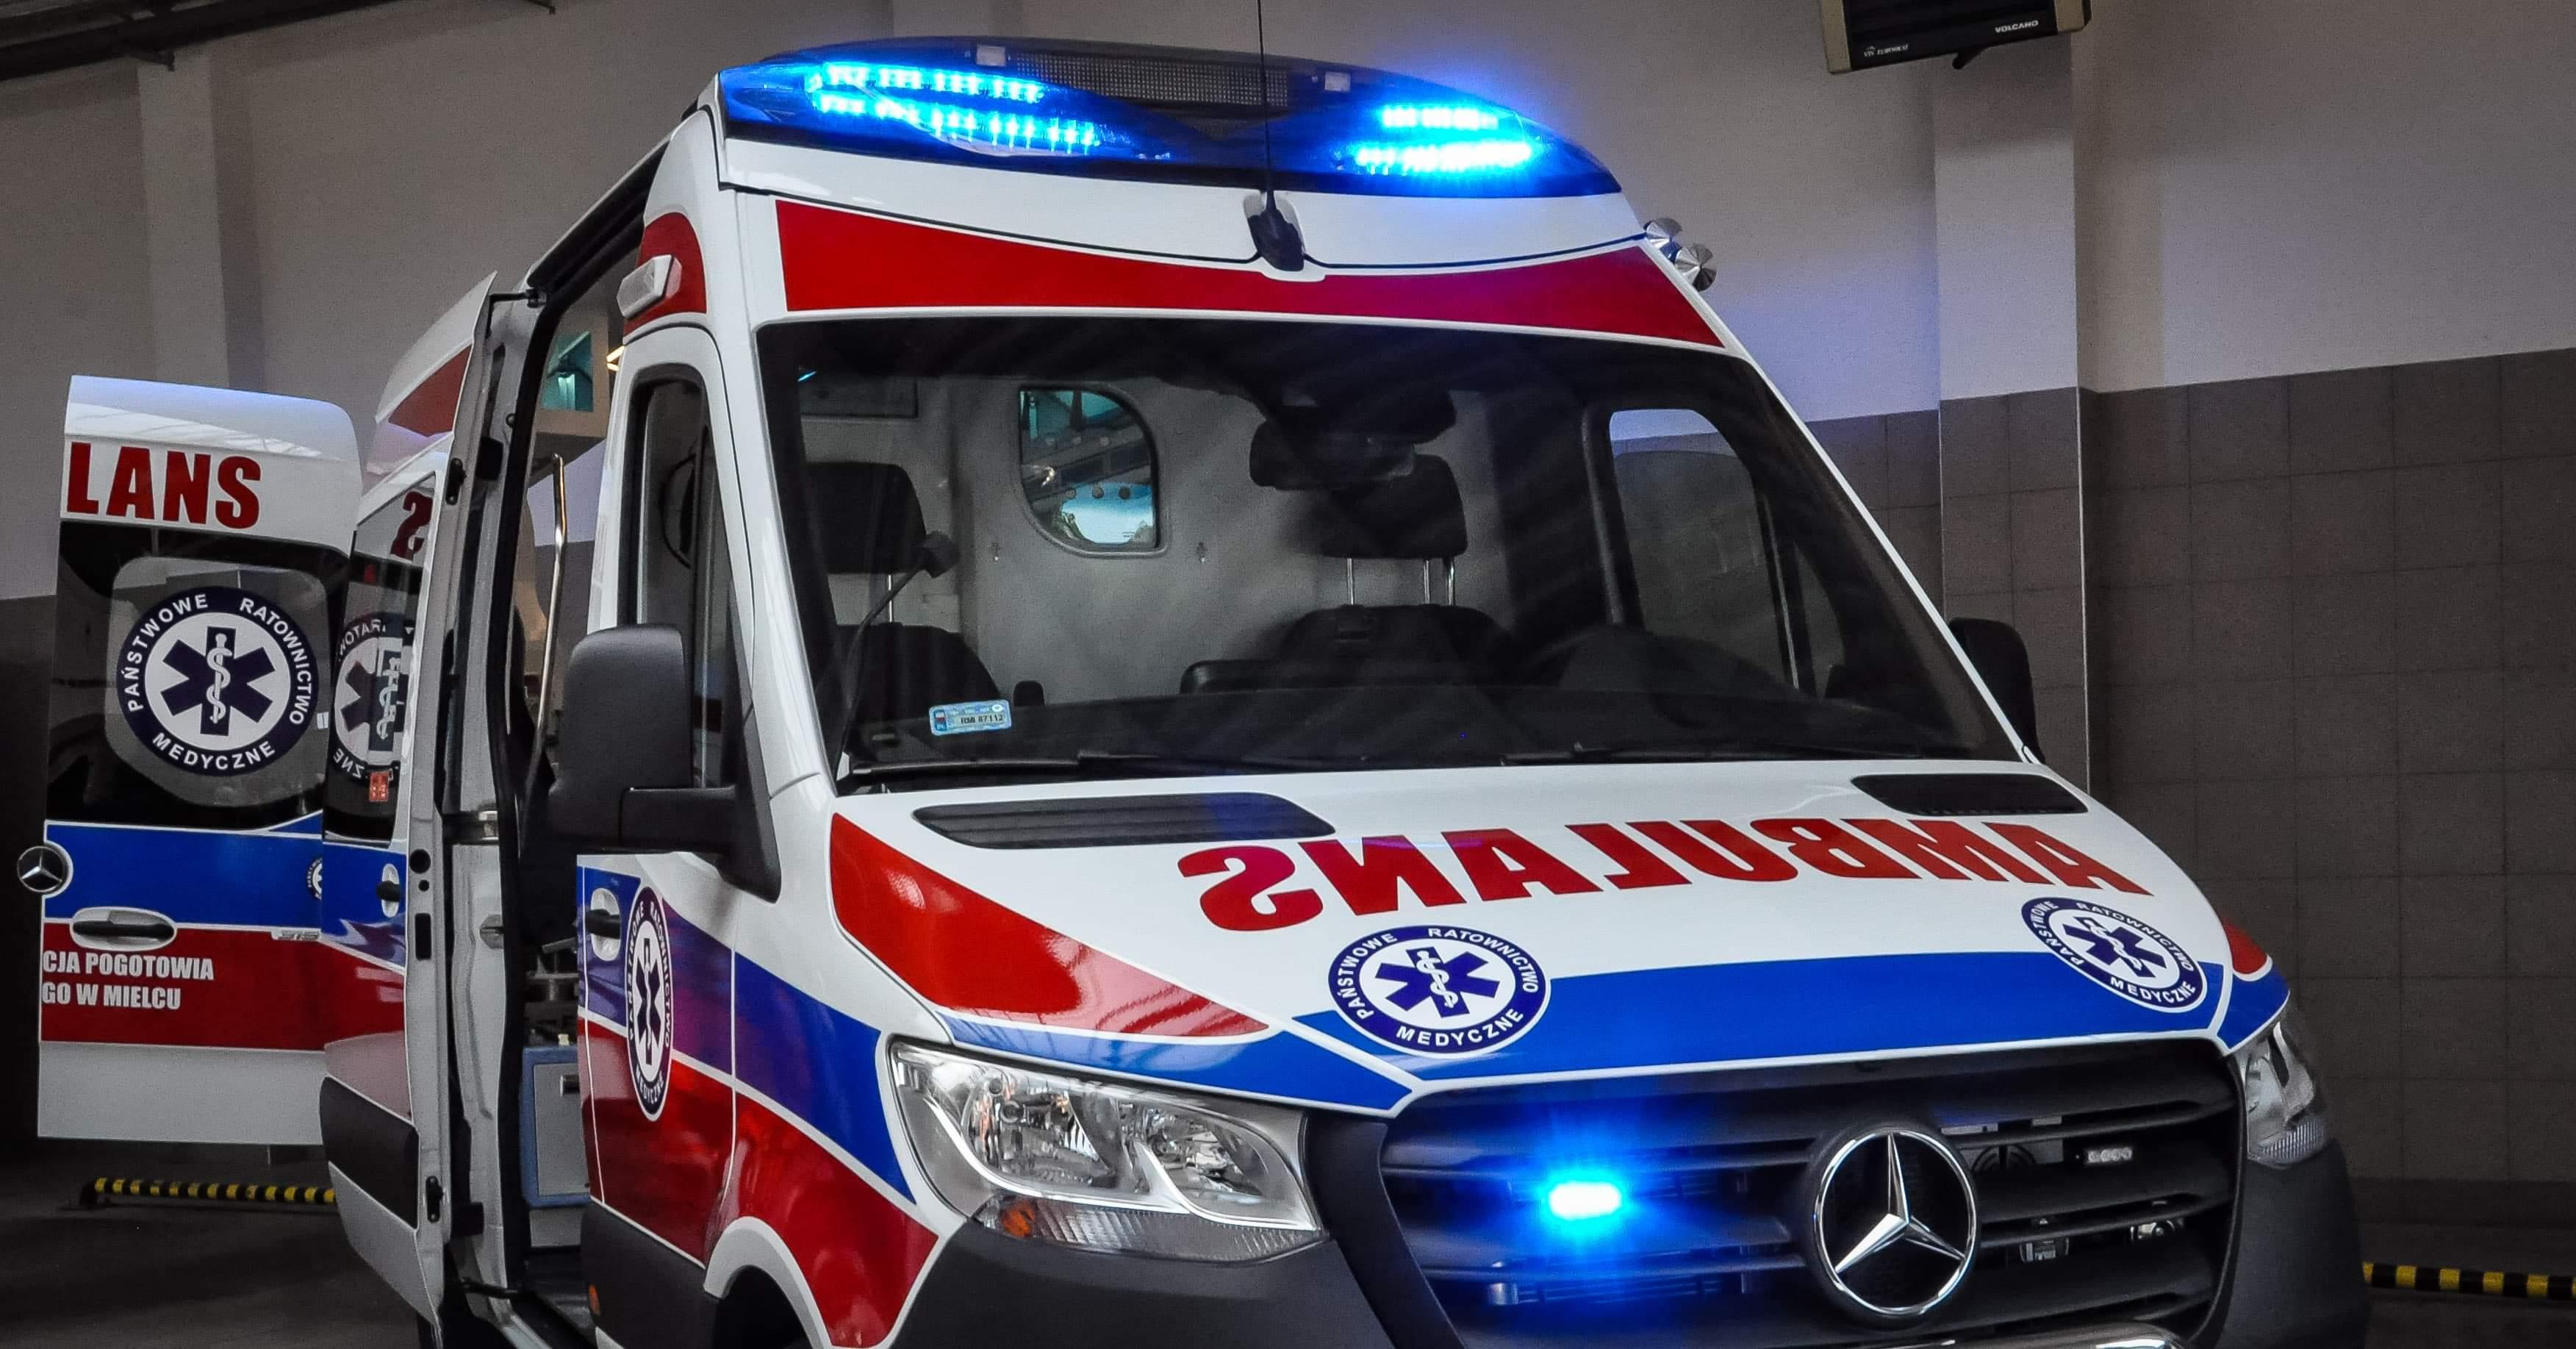 Nowe ambulanse w szpitalach w regionie - Zdjęcie główne